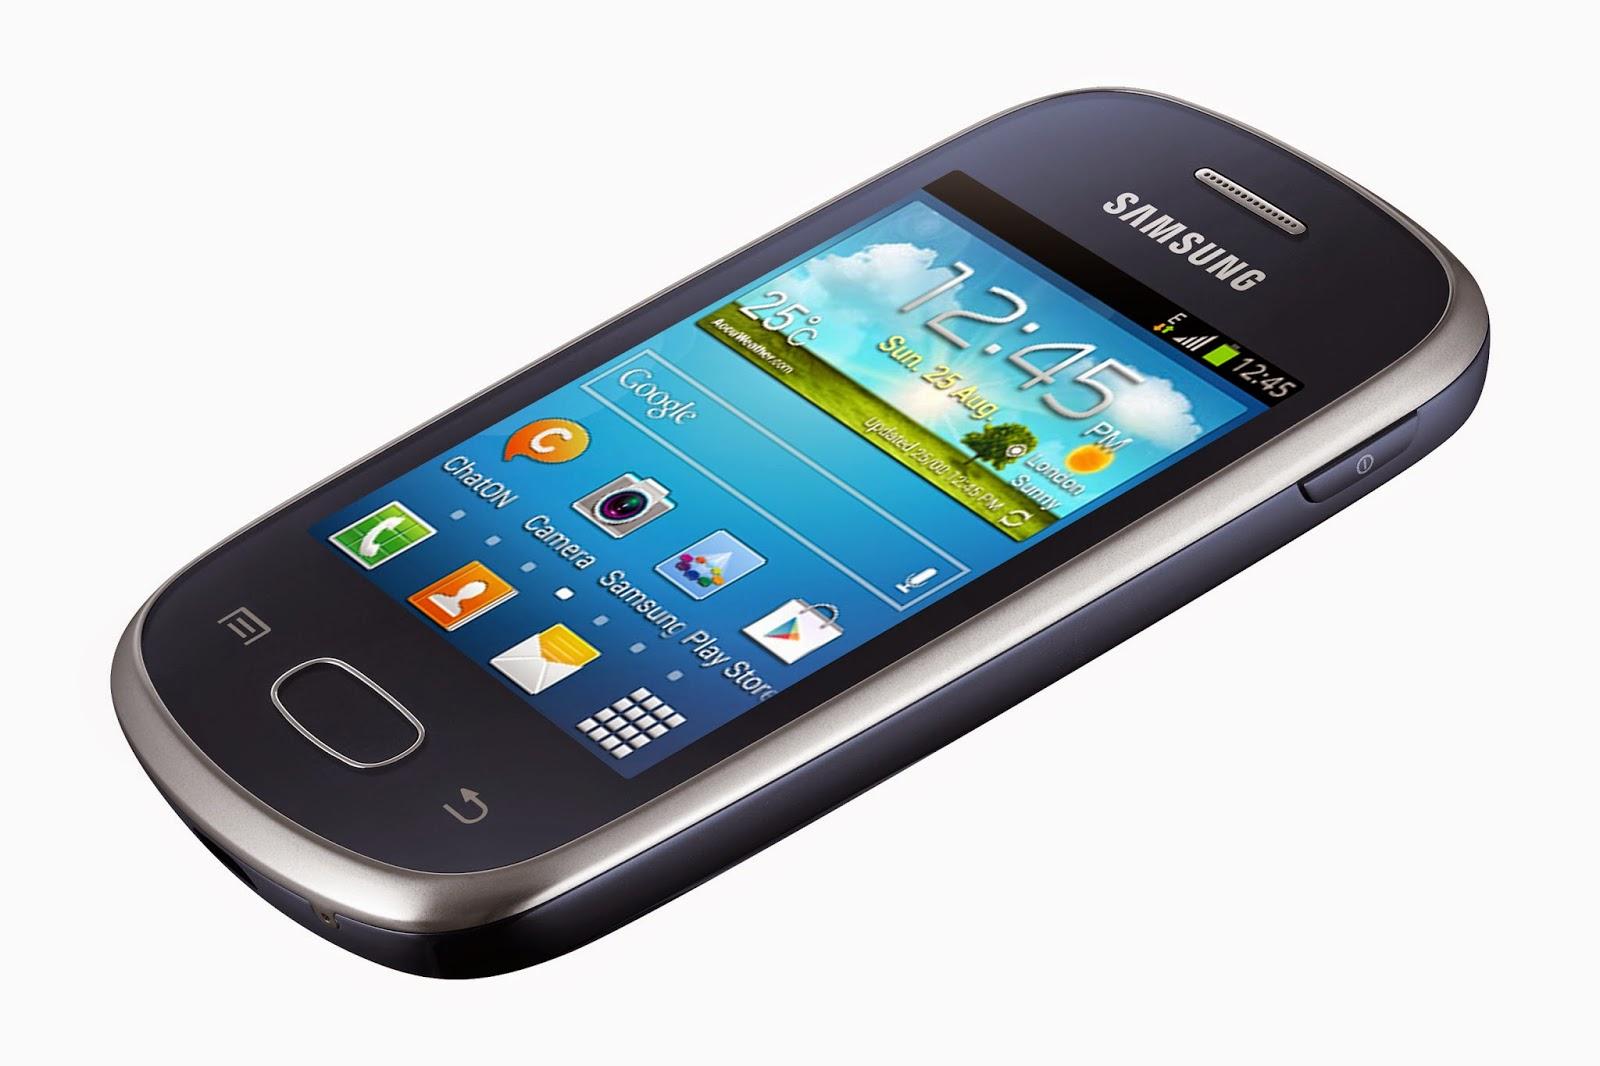 Kelebihan dan Kekurangan Samsung Galaxy Star GT-S5280 Terbaru